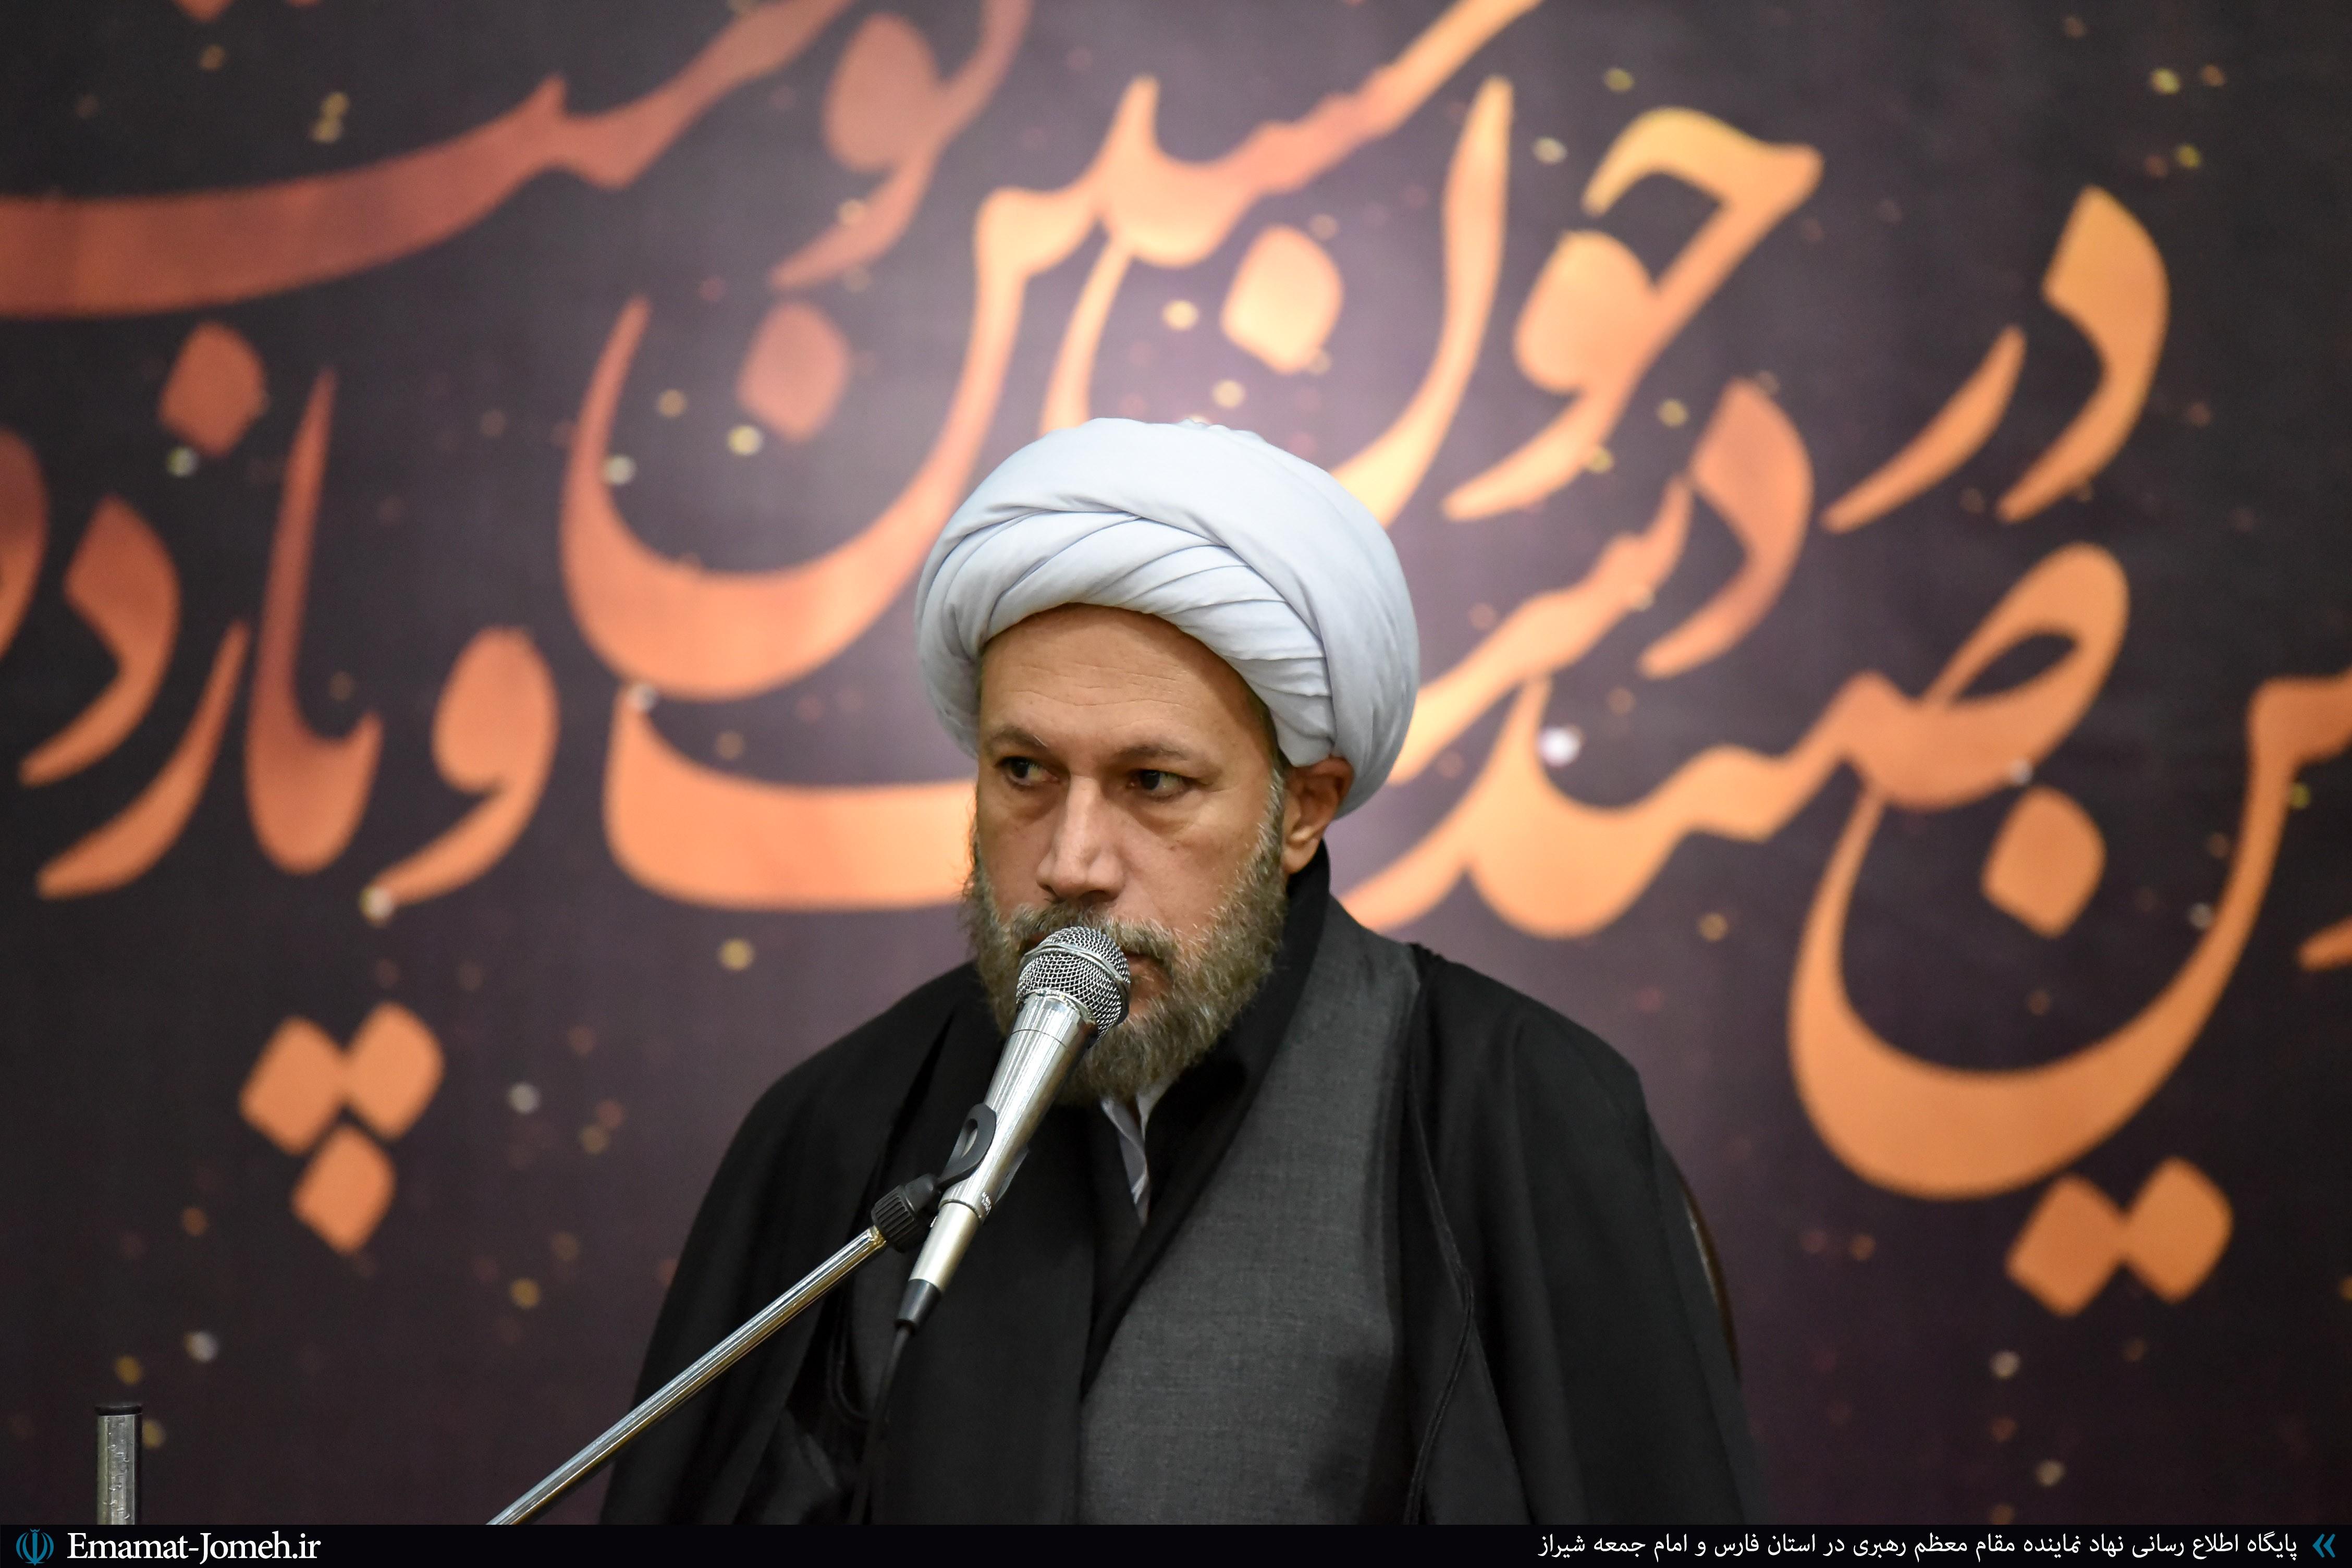 مراسم عزاداری اربعین حسینی (ع) هیئت اساتید دانشگاه های شیراز